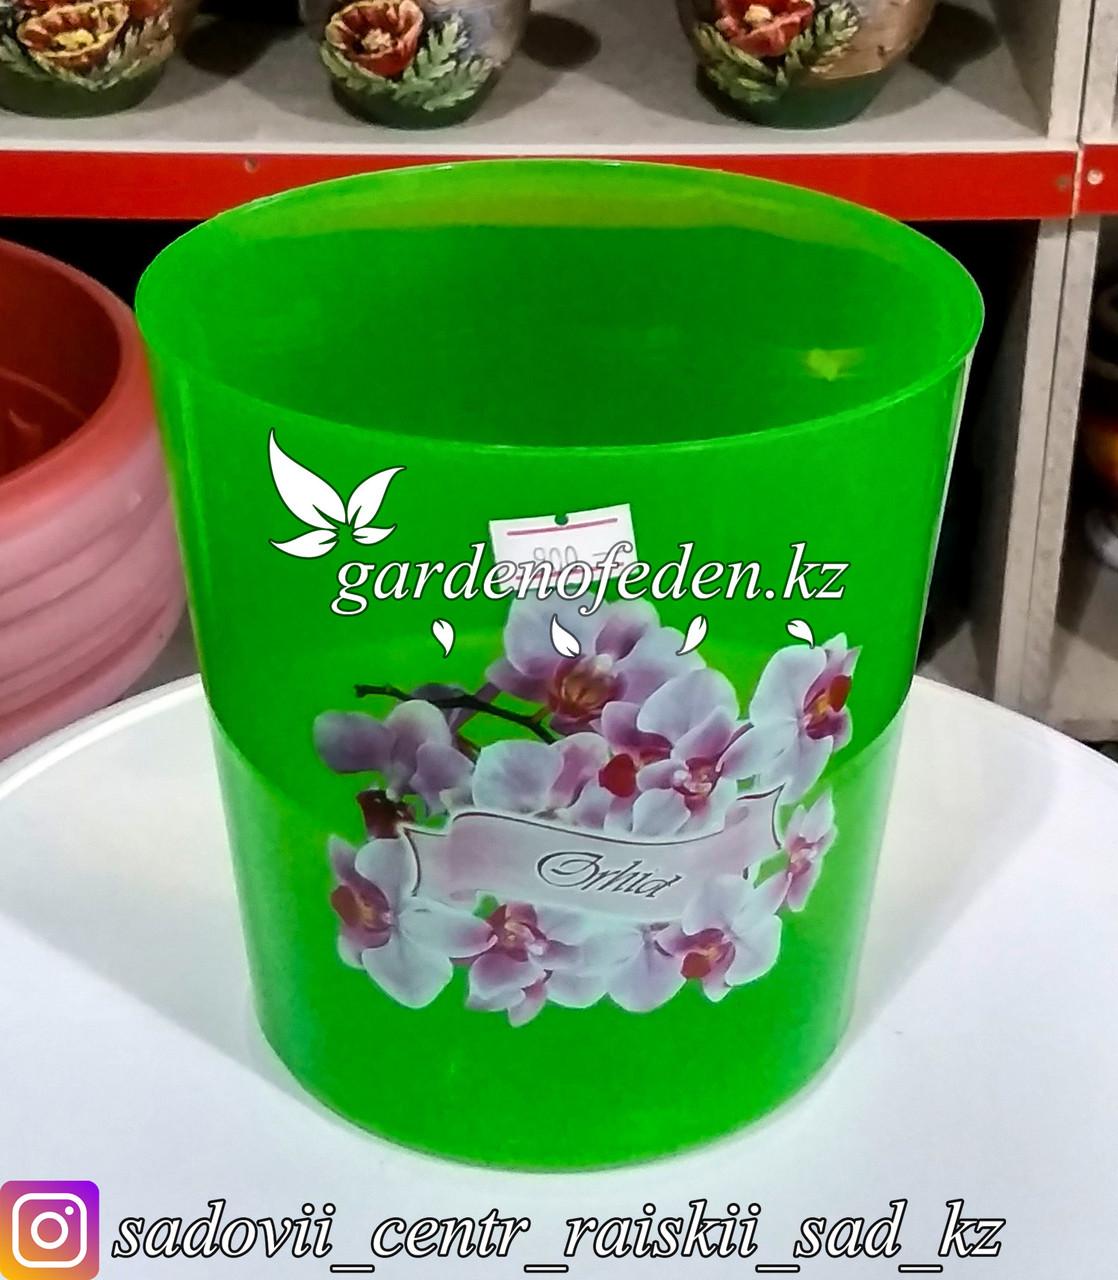 Пластиковый горшок для орхидей. Цвет: Зеленый. Объем: 1.8л